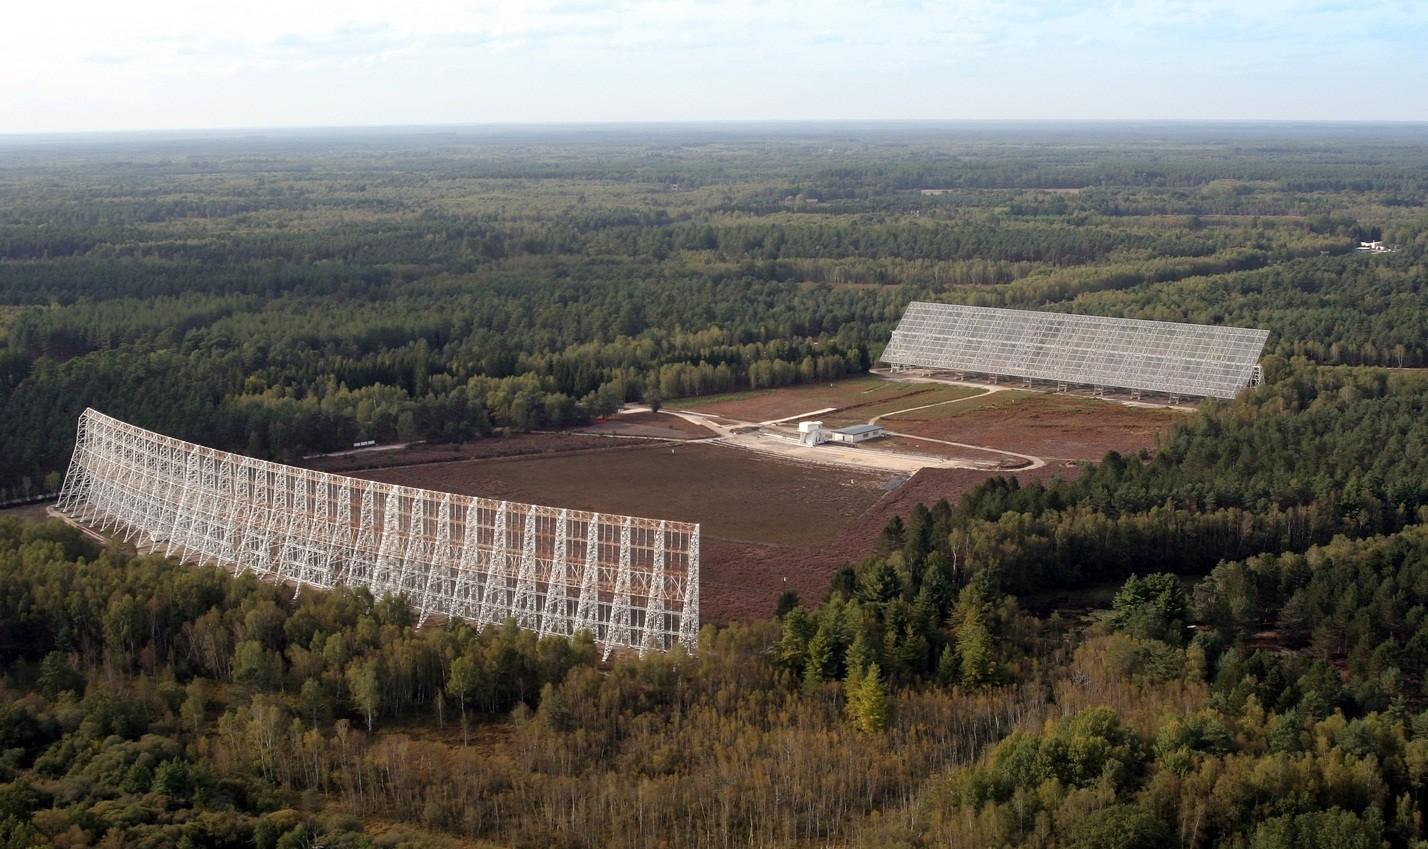 Le Grand radiotélescope de Nançay - Droits : Observatoire de Paris